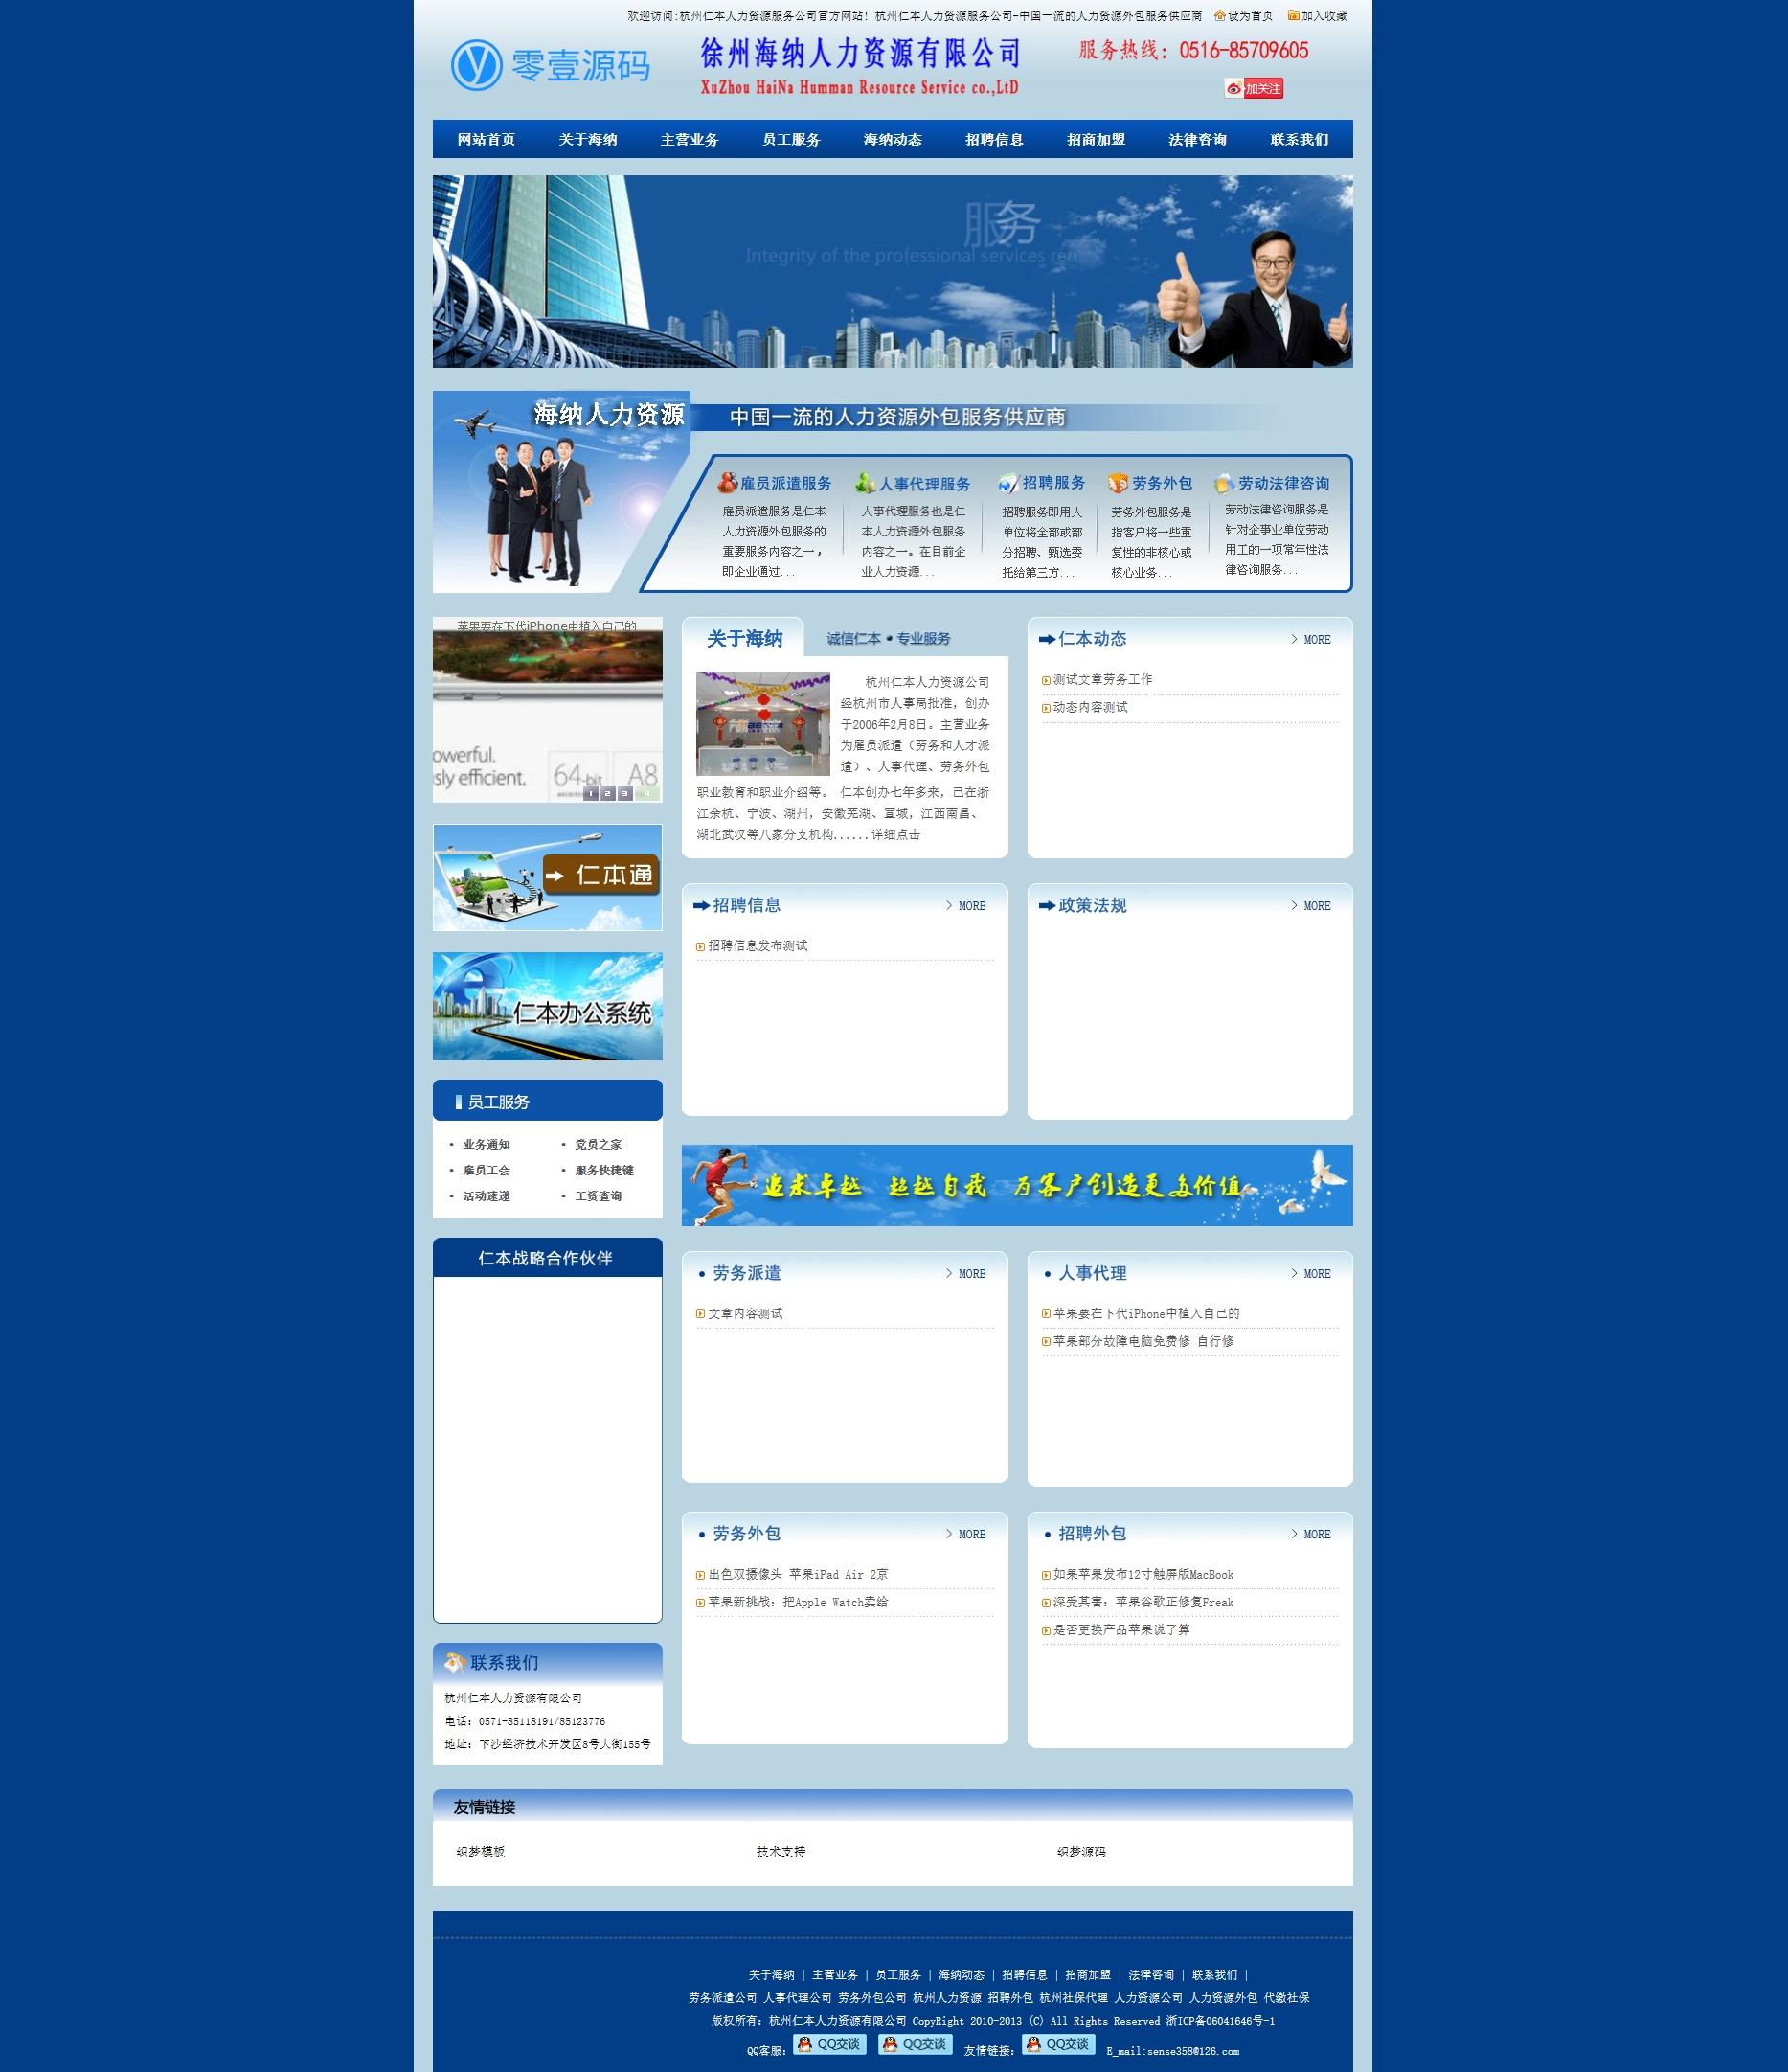 蓝色人力资源招聘类企业网站织梦dedecms模板